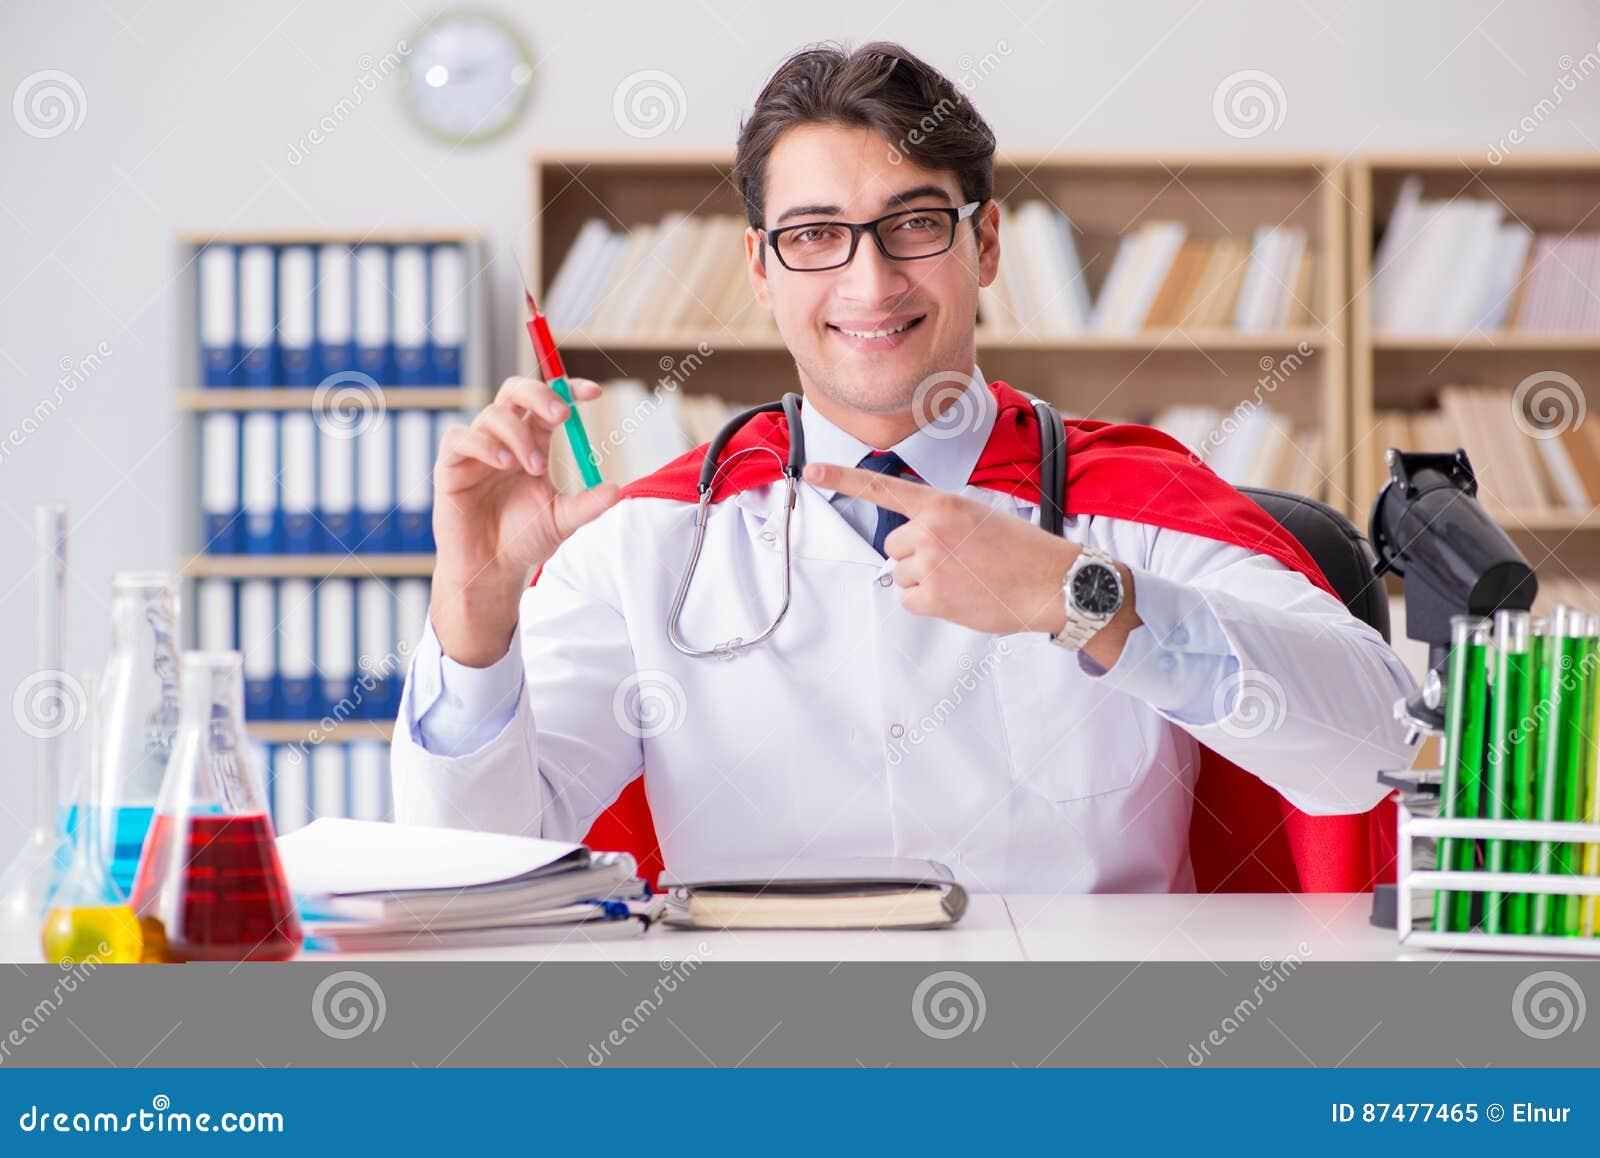 Доктор супергероя работая в больнице лаборатории